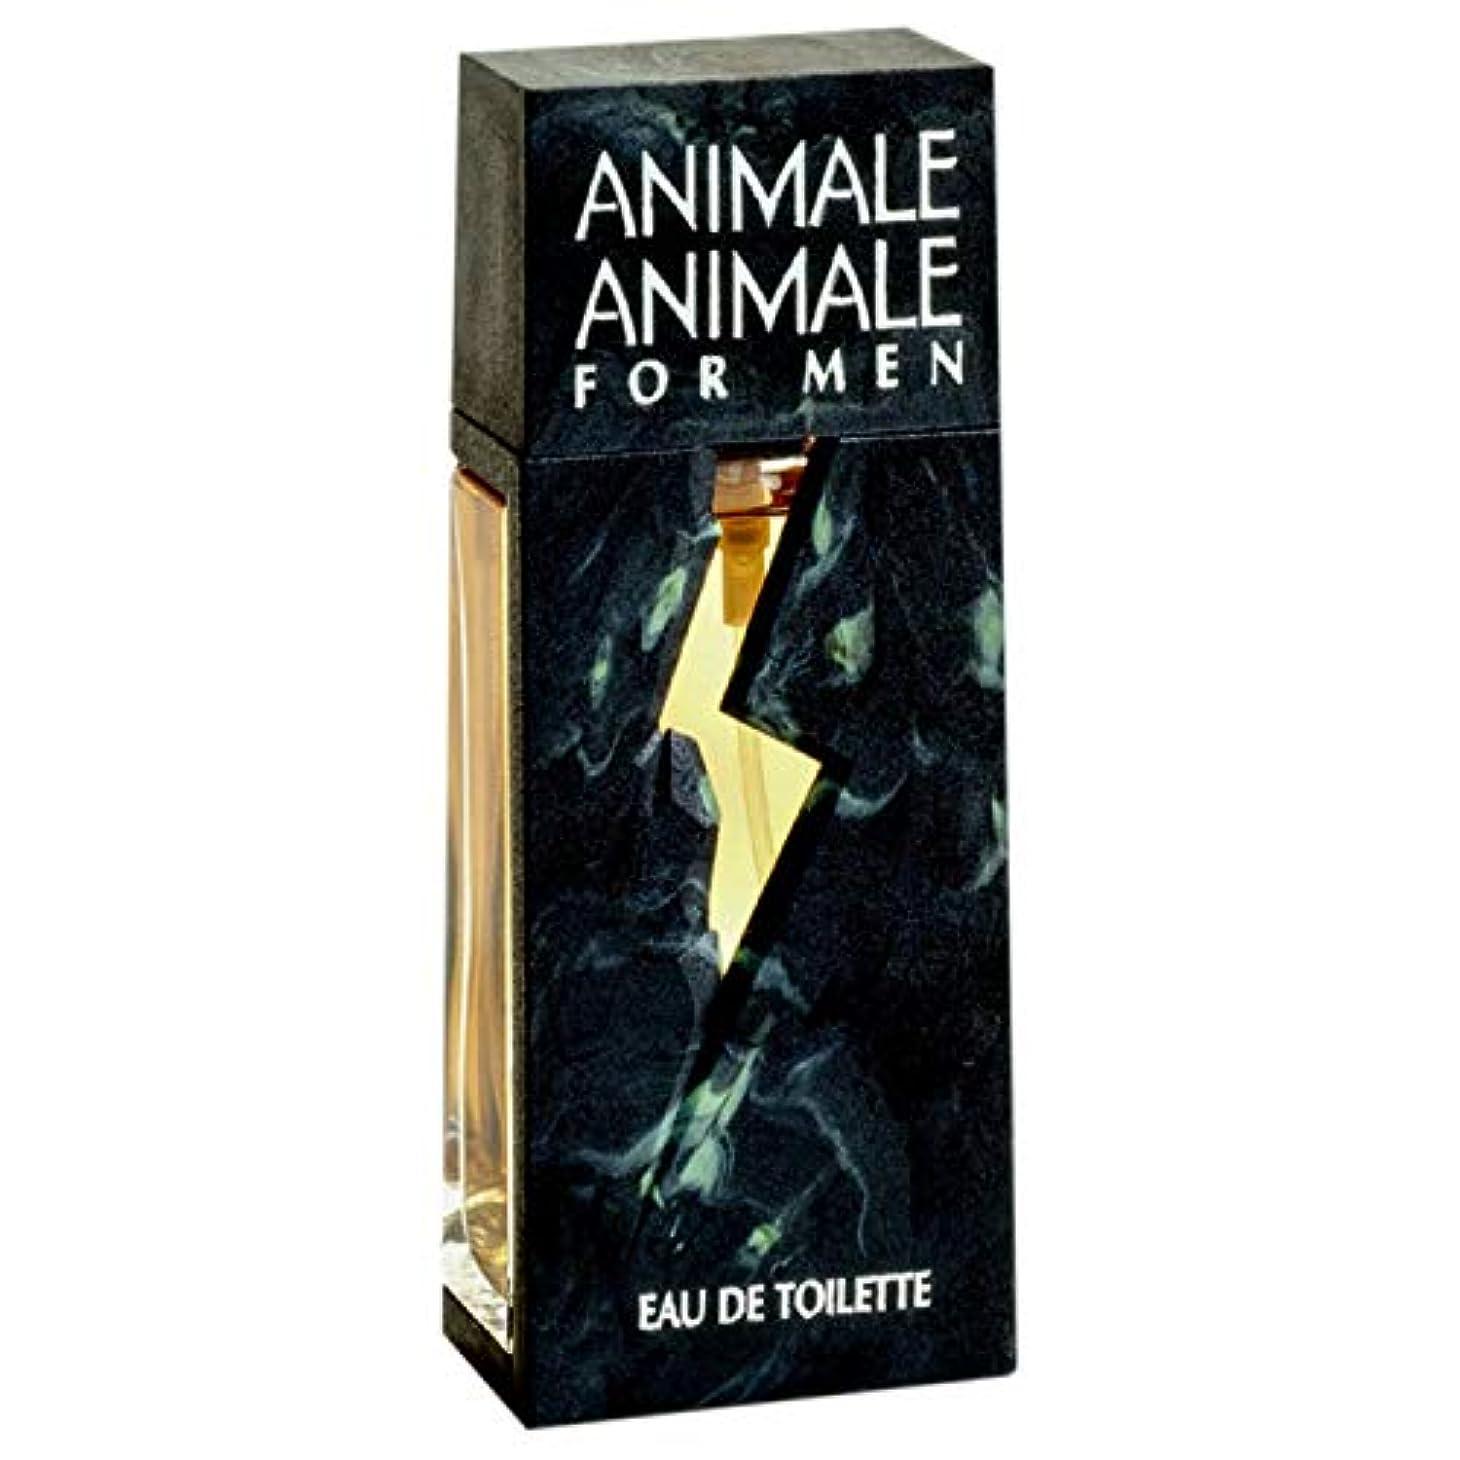 学者ランプ息子アニマル ANIMAL アニマルアニマル フォーメン EDT スプレー 200ml ANIMAL【あす楽対応】 香水 メンズ フレグランス